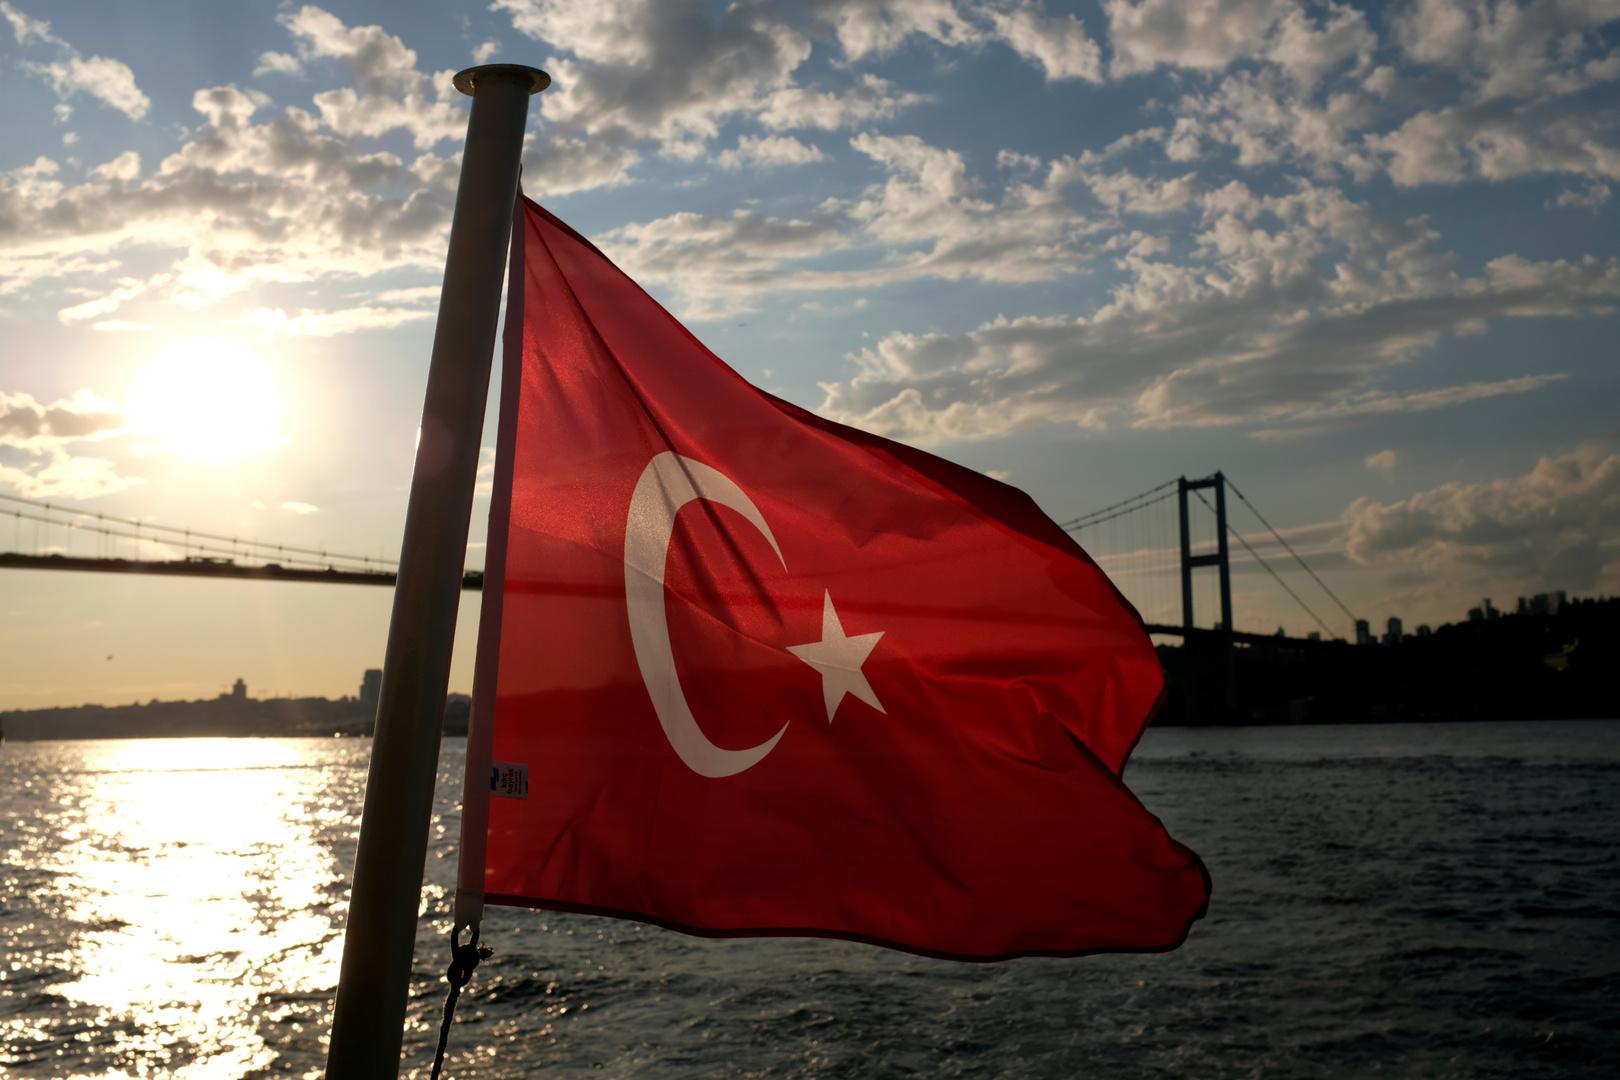 يمر عبر قارتين ويقطع بحرين.. أول قطار تصدير يغادر تركيا إلى الصين